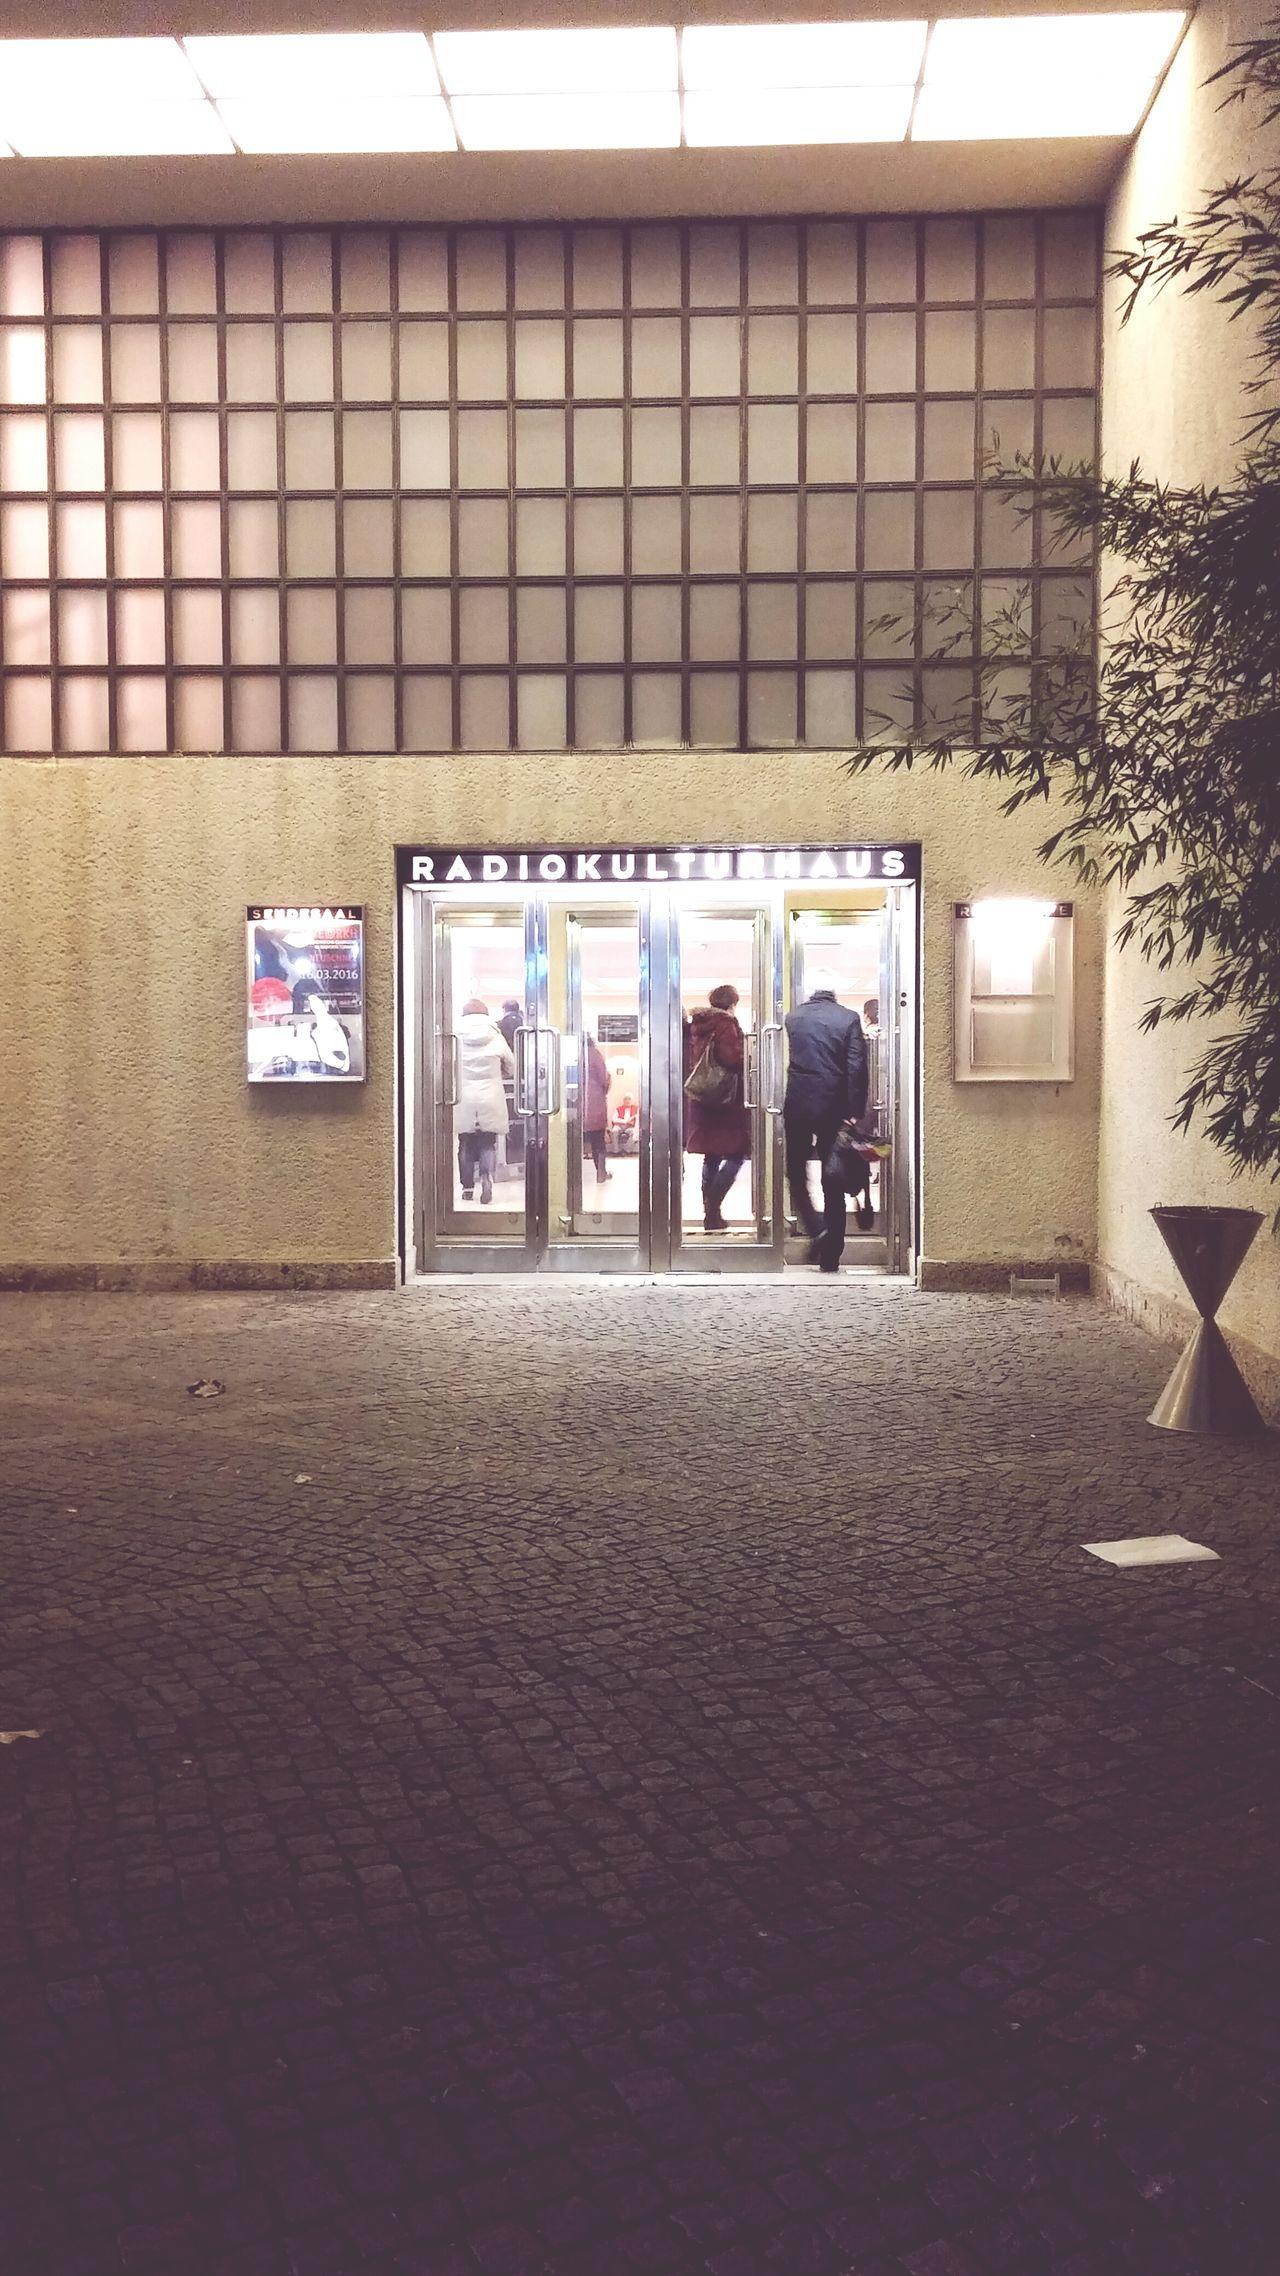 Radiokulturhaus Vienna